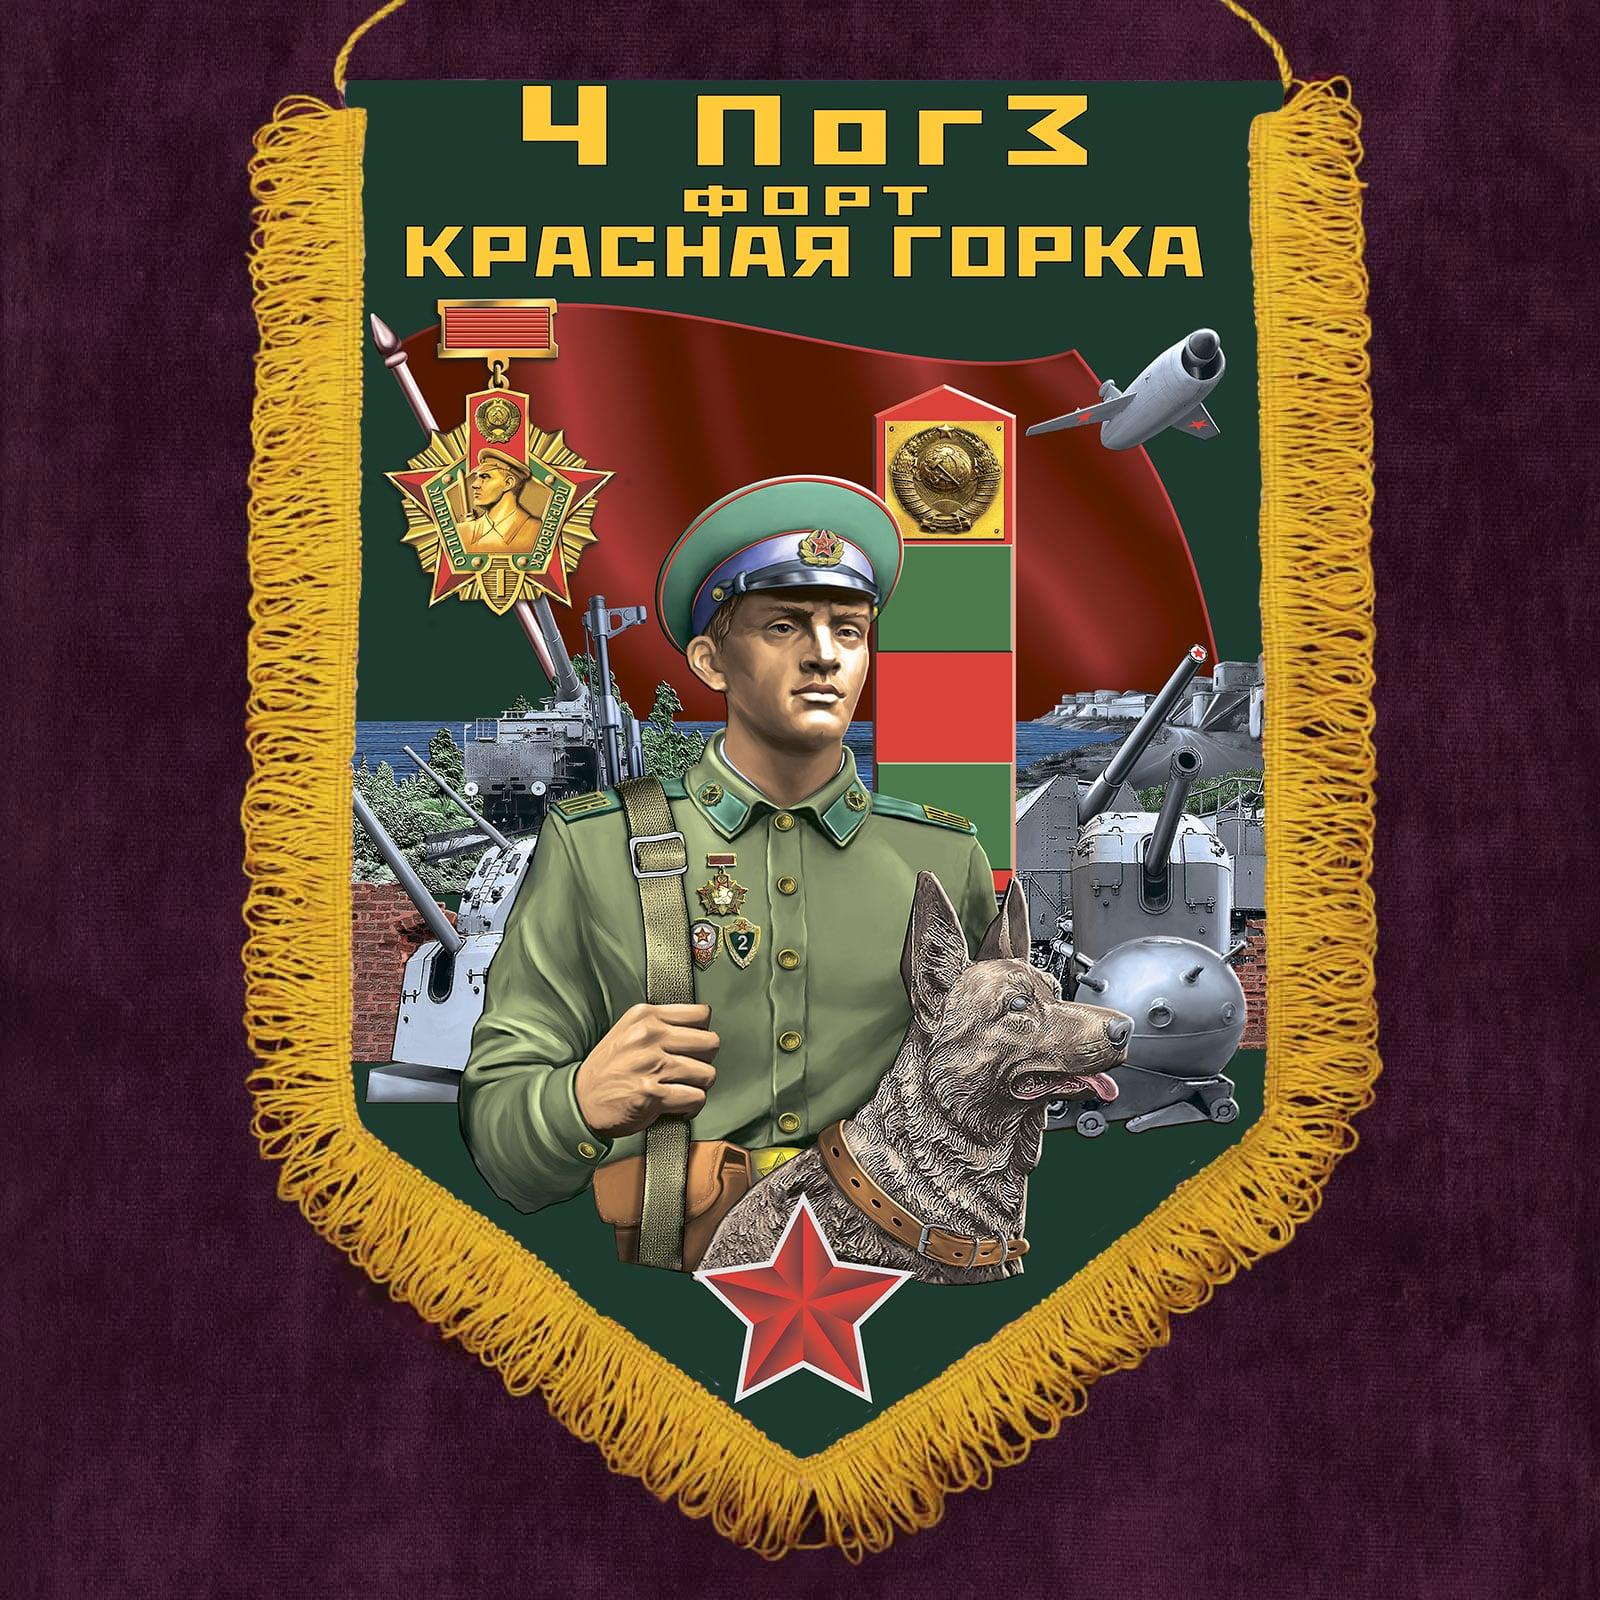 """Памятный вымпел """"4 ПогЗ Форт Красная горка"""""""